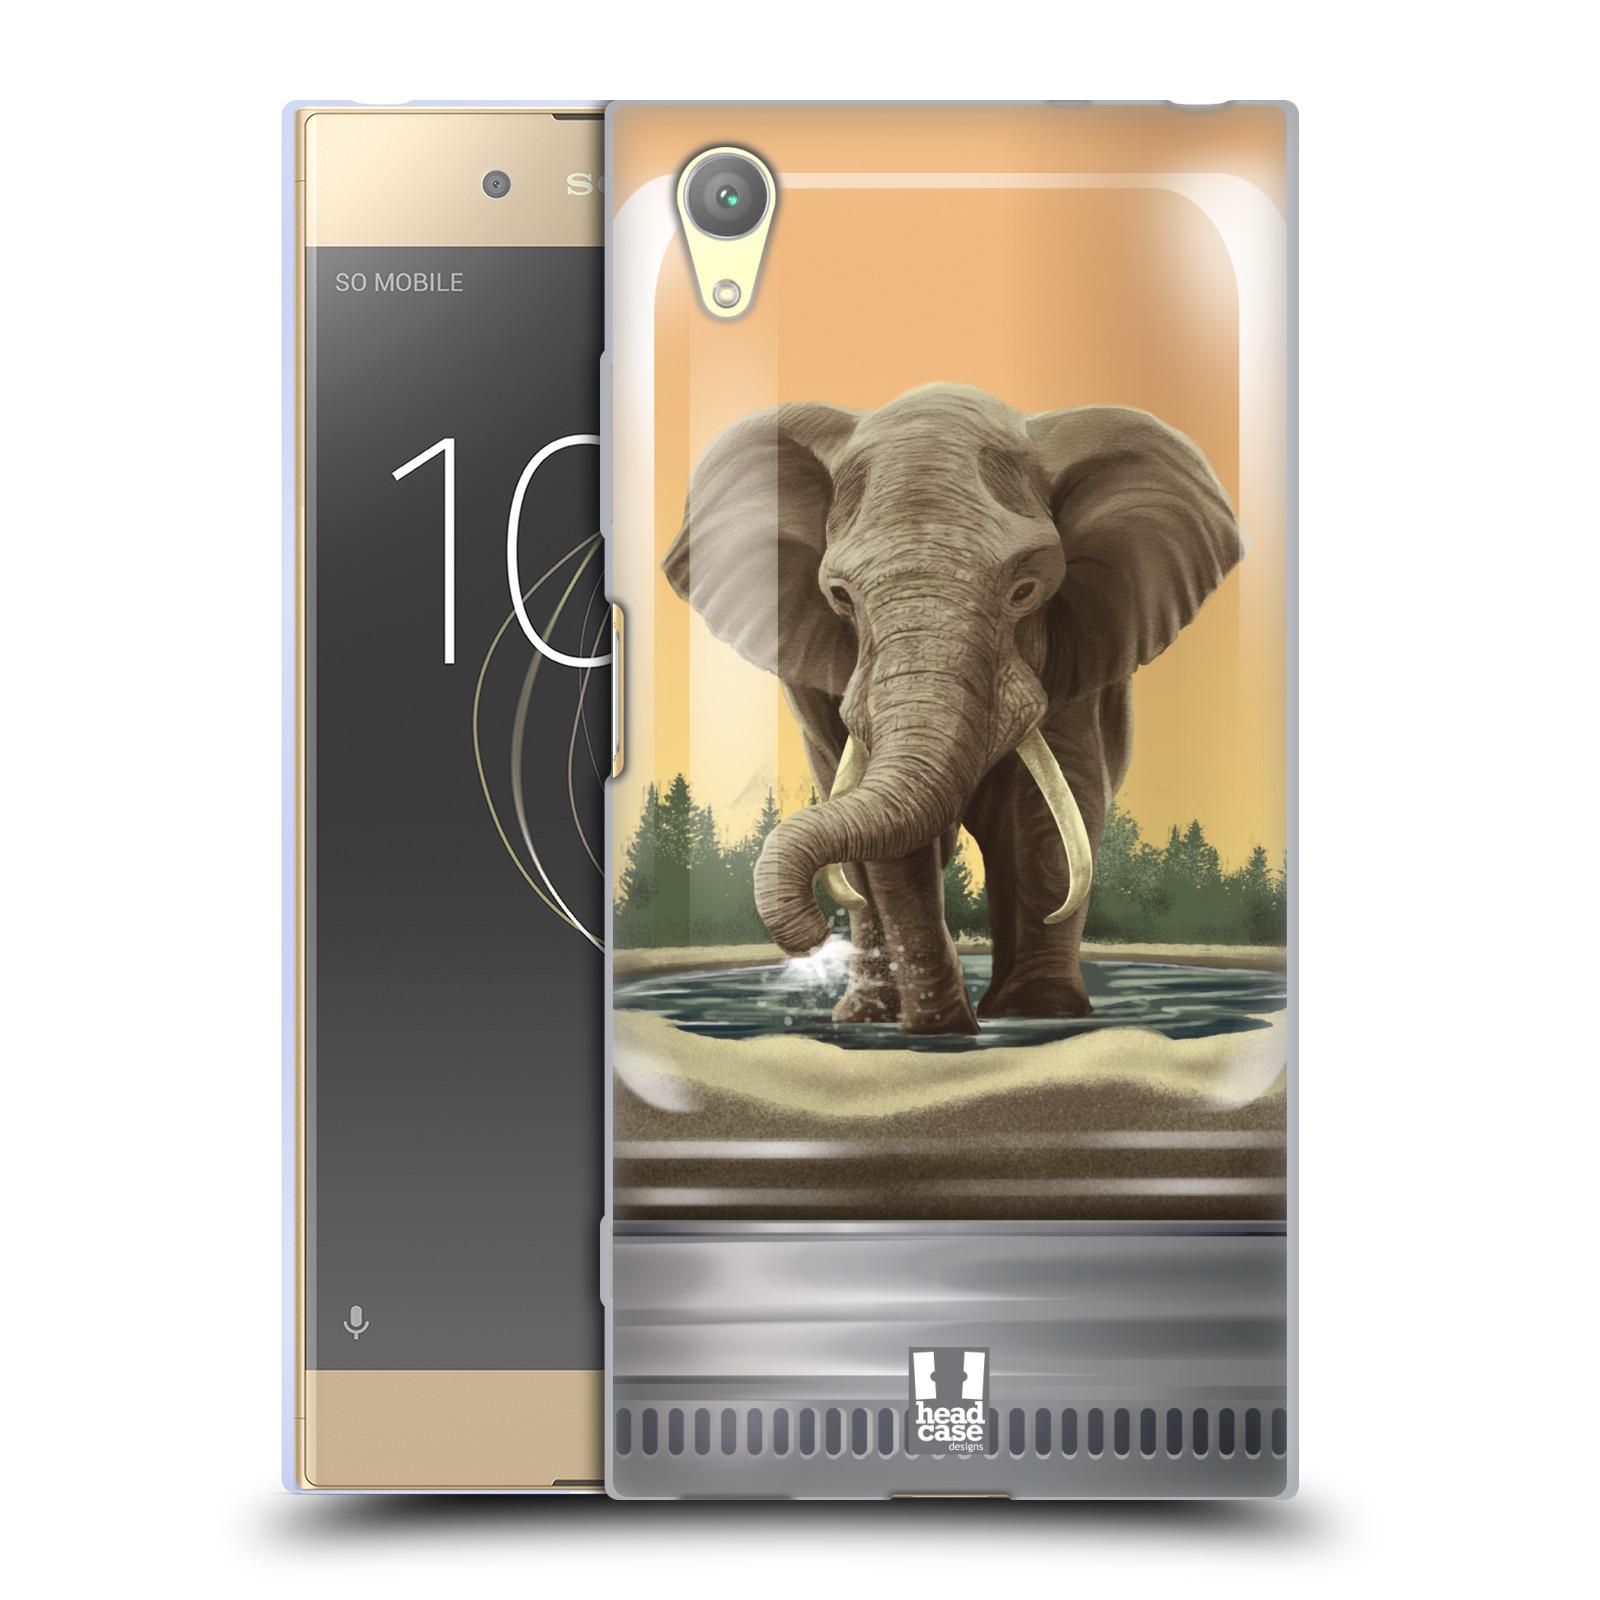 HEAD CASE silikonový obal na mobil Sony Xperia XA1 PLUS vzor Zvířátka v těžítku slon